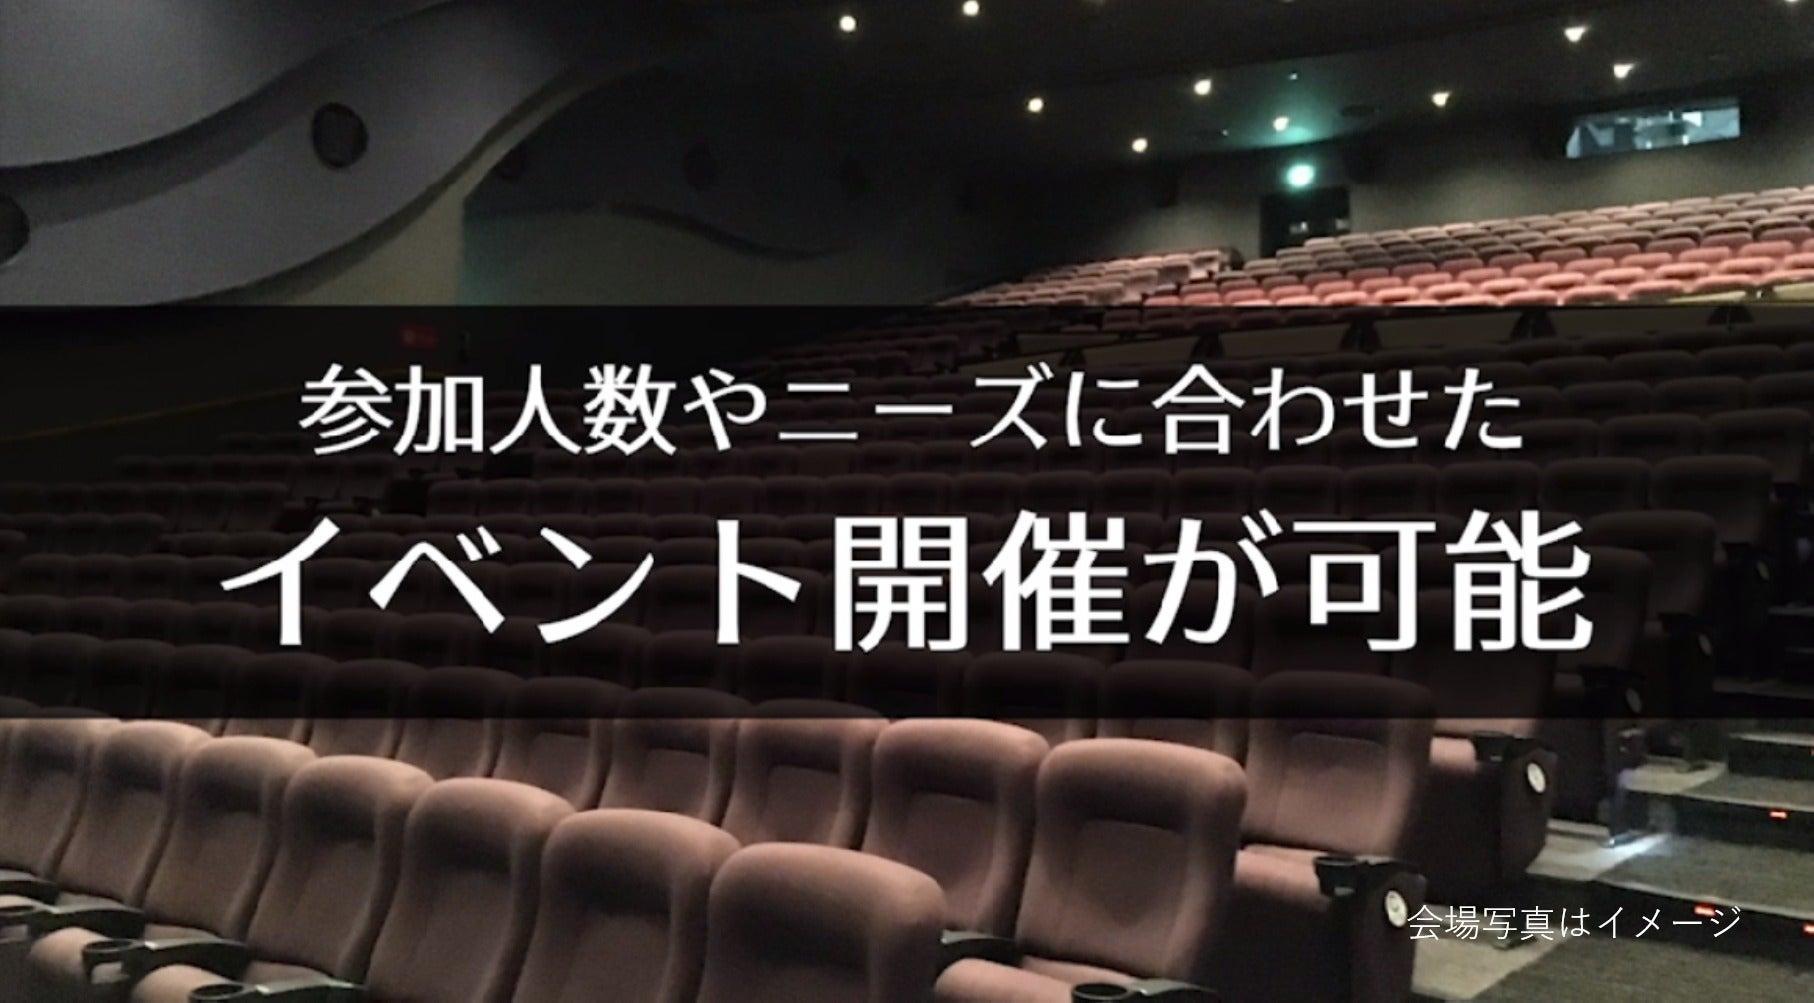 【新潟 147席】映画館で、会社説明会、株主総会、講演会の企画はいかがですか?(ユナイテッド・シネマ新潟) の写真0